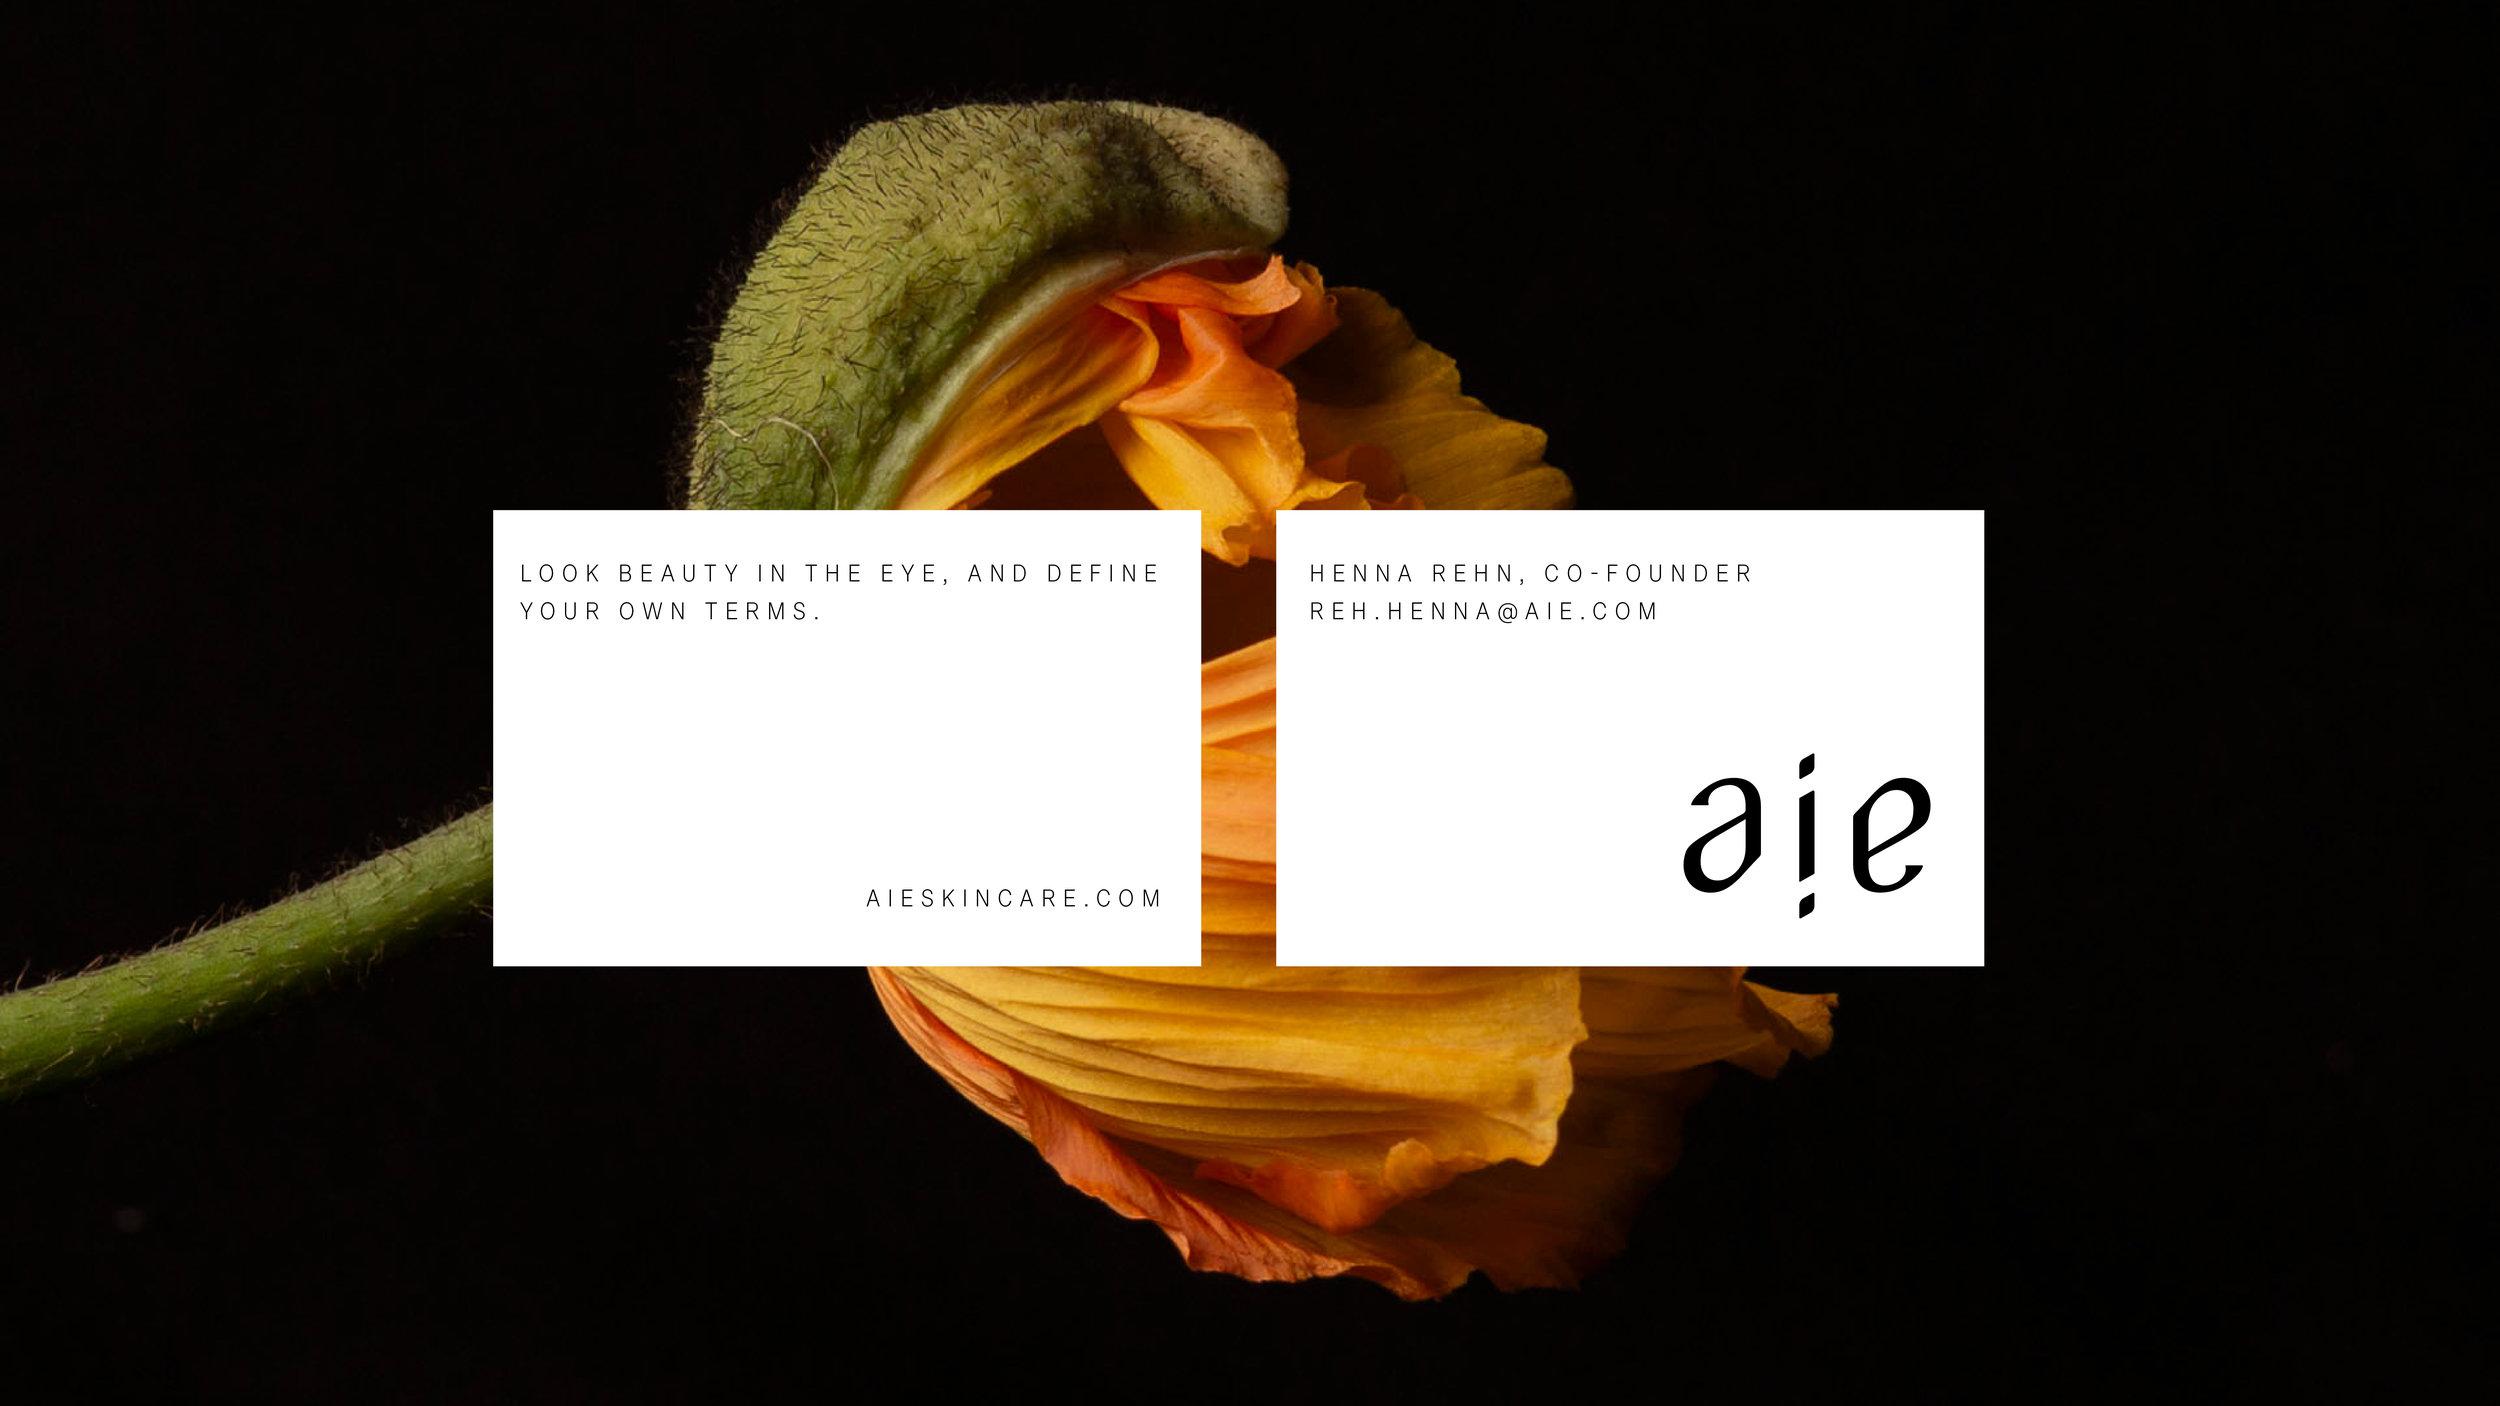 AIE_VH_CONTENT7.jpg